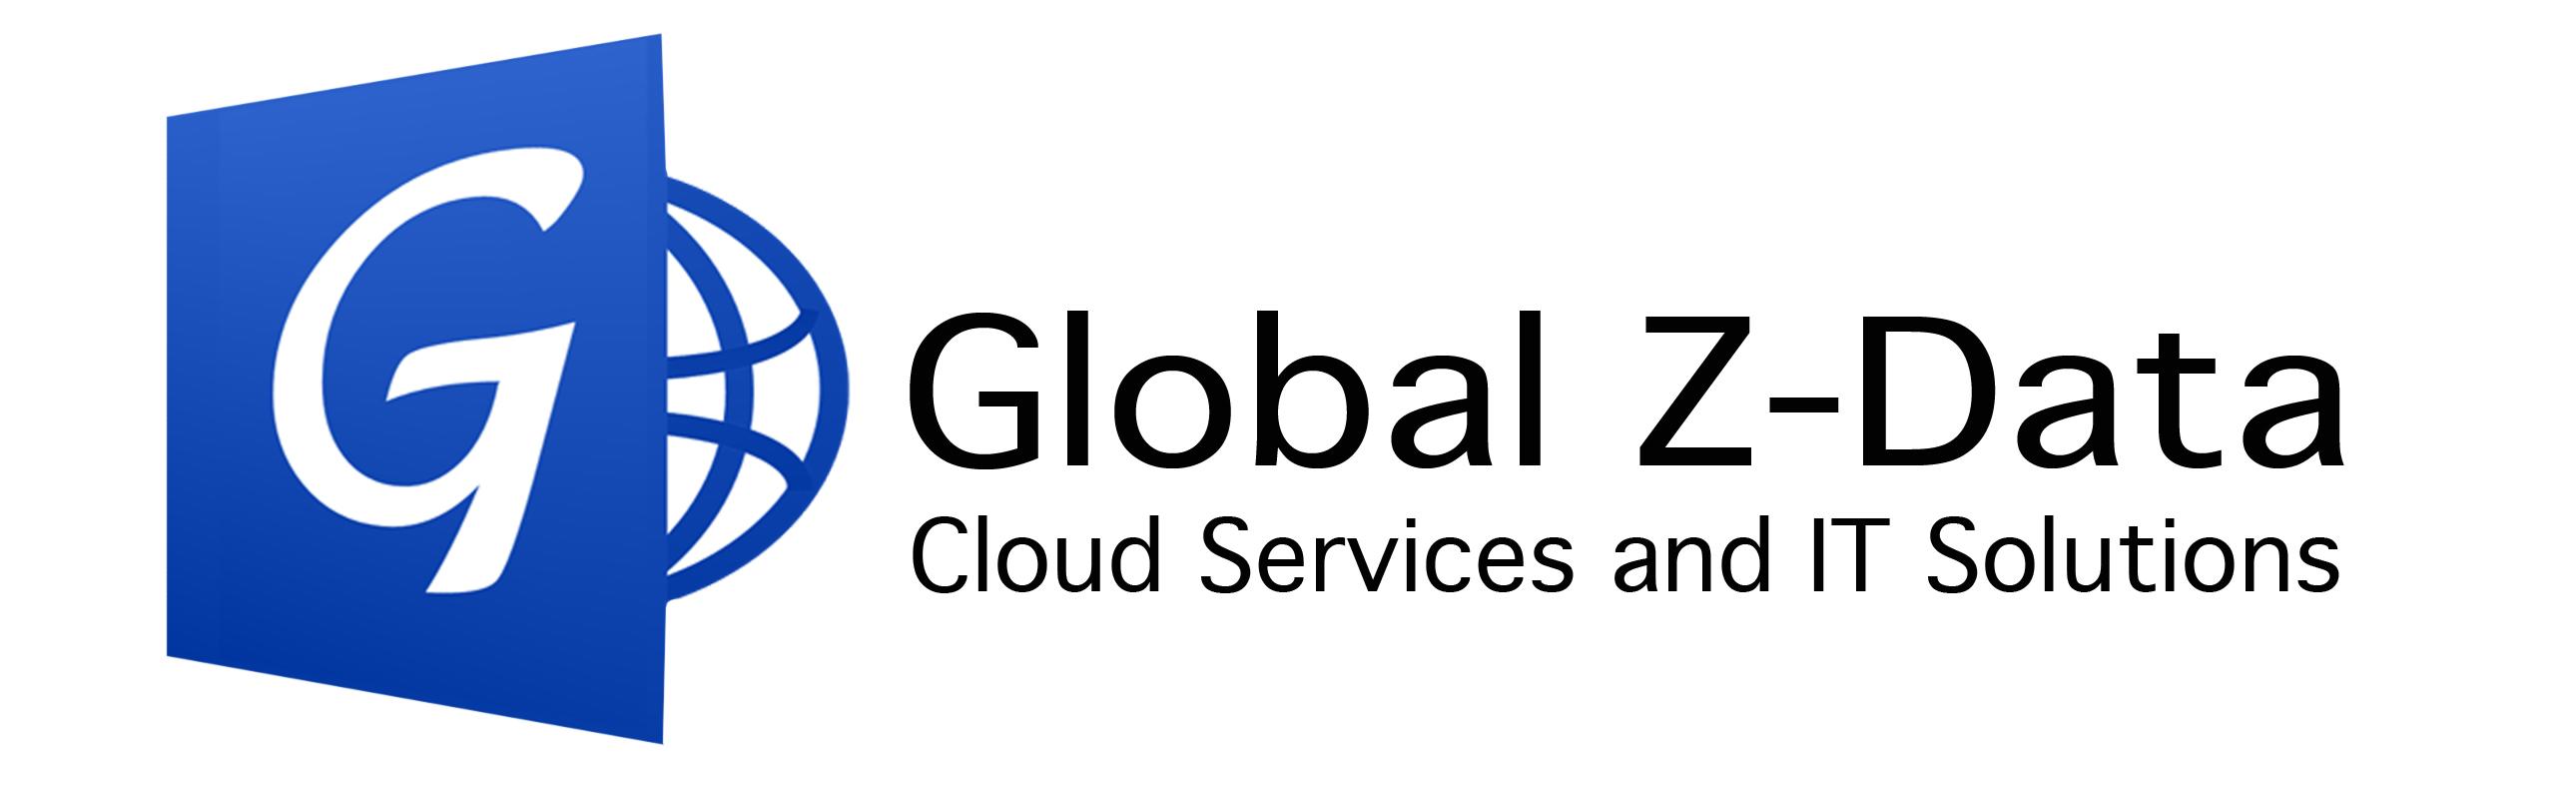 Global Z-Data